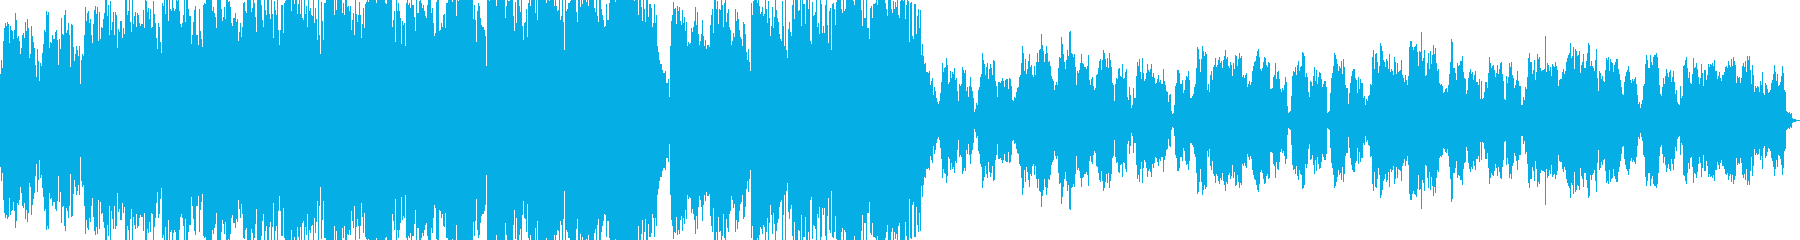 暗くて未来的なオーケストラサウンドの再生済みの波形